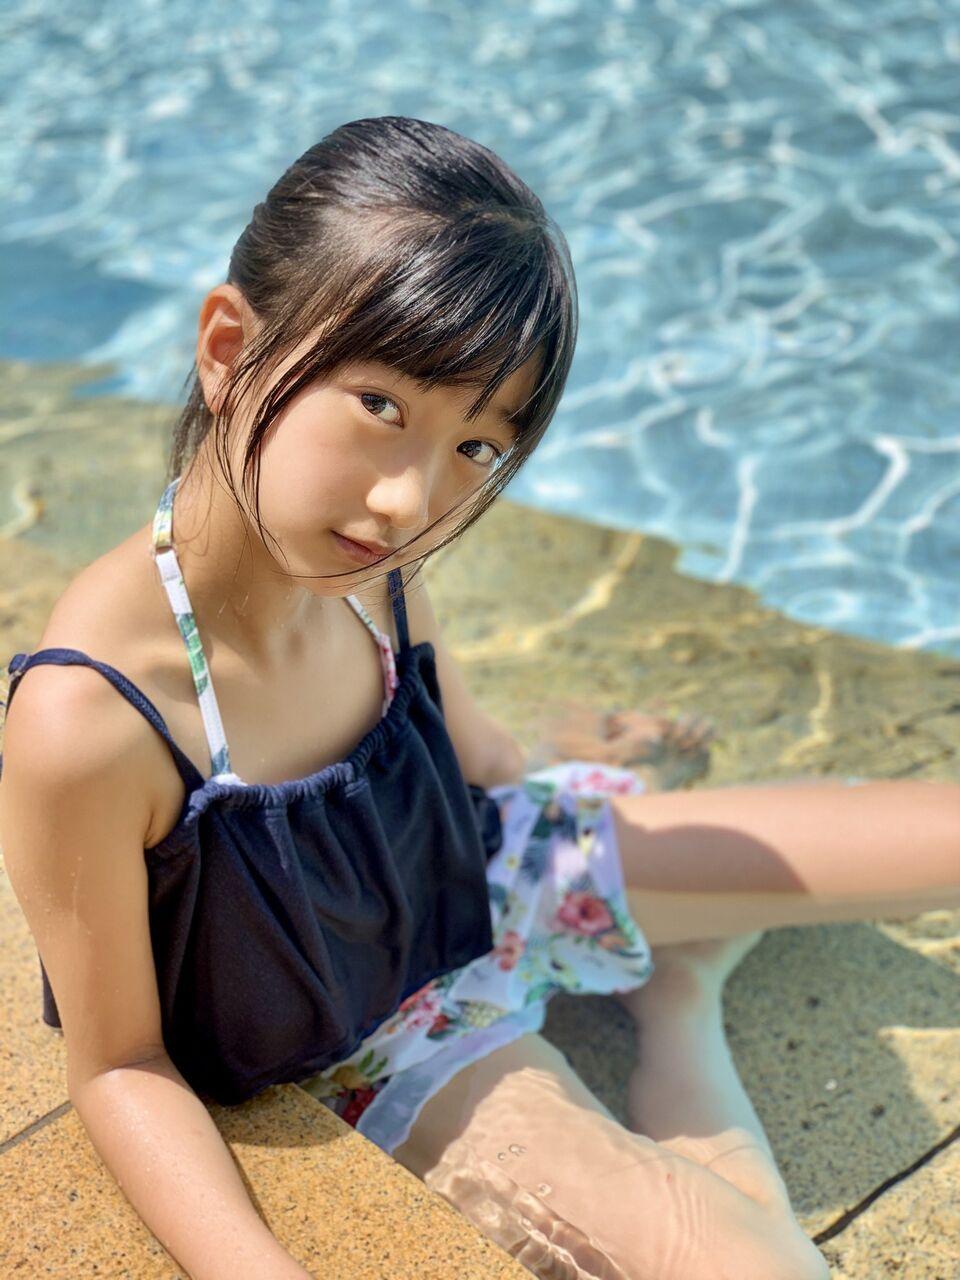 与田祐希 最新グラビア含む水着画像 77枚① - マブい女画像集